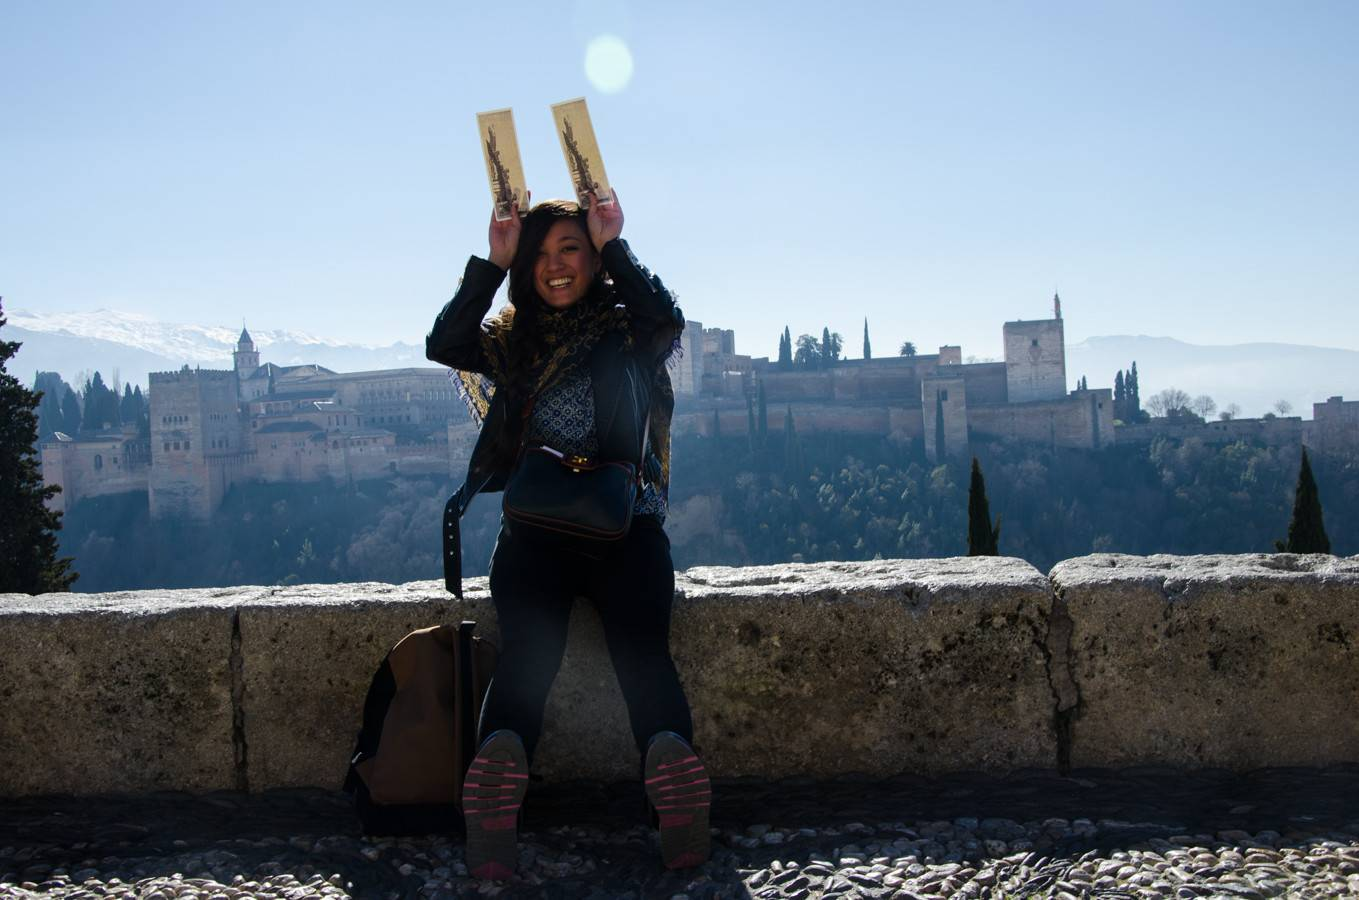 KaoriAnne kaori jolliffe Spain Granada alhambra